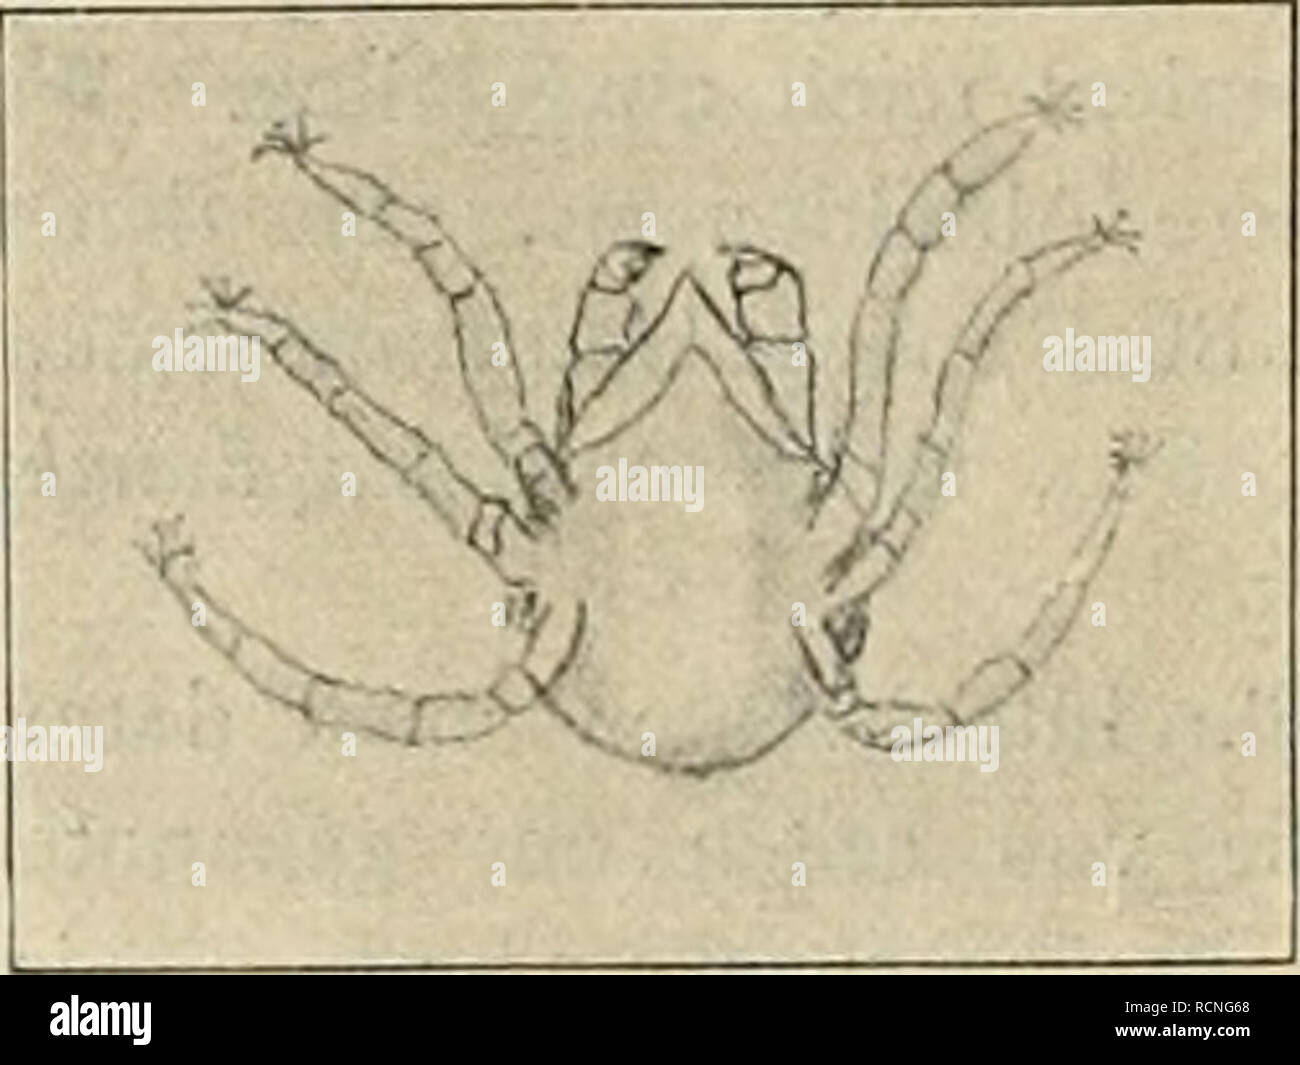 """. Die Gartenwelt. Gardening. r-- """"^â X '.-- ' i -â A 4 â Weibchen. Männchen. Lindenspinnmilbe (Tetranychus lelarius) 86 mal vergröfsert. günstigen äufseren Bedingungen die Bevölkerung eines mäfsig grofsen Lindenbaums auf Millionen von Individuen anwachsen kann, und dieser ungeheuren Zahl von Konsumenten kann schliefs- lich die ganze stattliche Laubkrone zum Opfer fallen. Ihres Saftes beraubt, trocknen die Blätter zusammen; unfähig, ihrer Aufgabe als Emährungsorgane des Baumes weiter nachzukommen, sinken sie schliefslich als unnütze Glieder zu Boden. Ein Tier, das so augenfälli Stock Photo"""